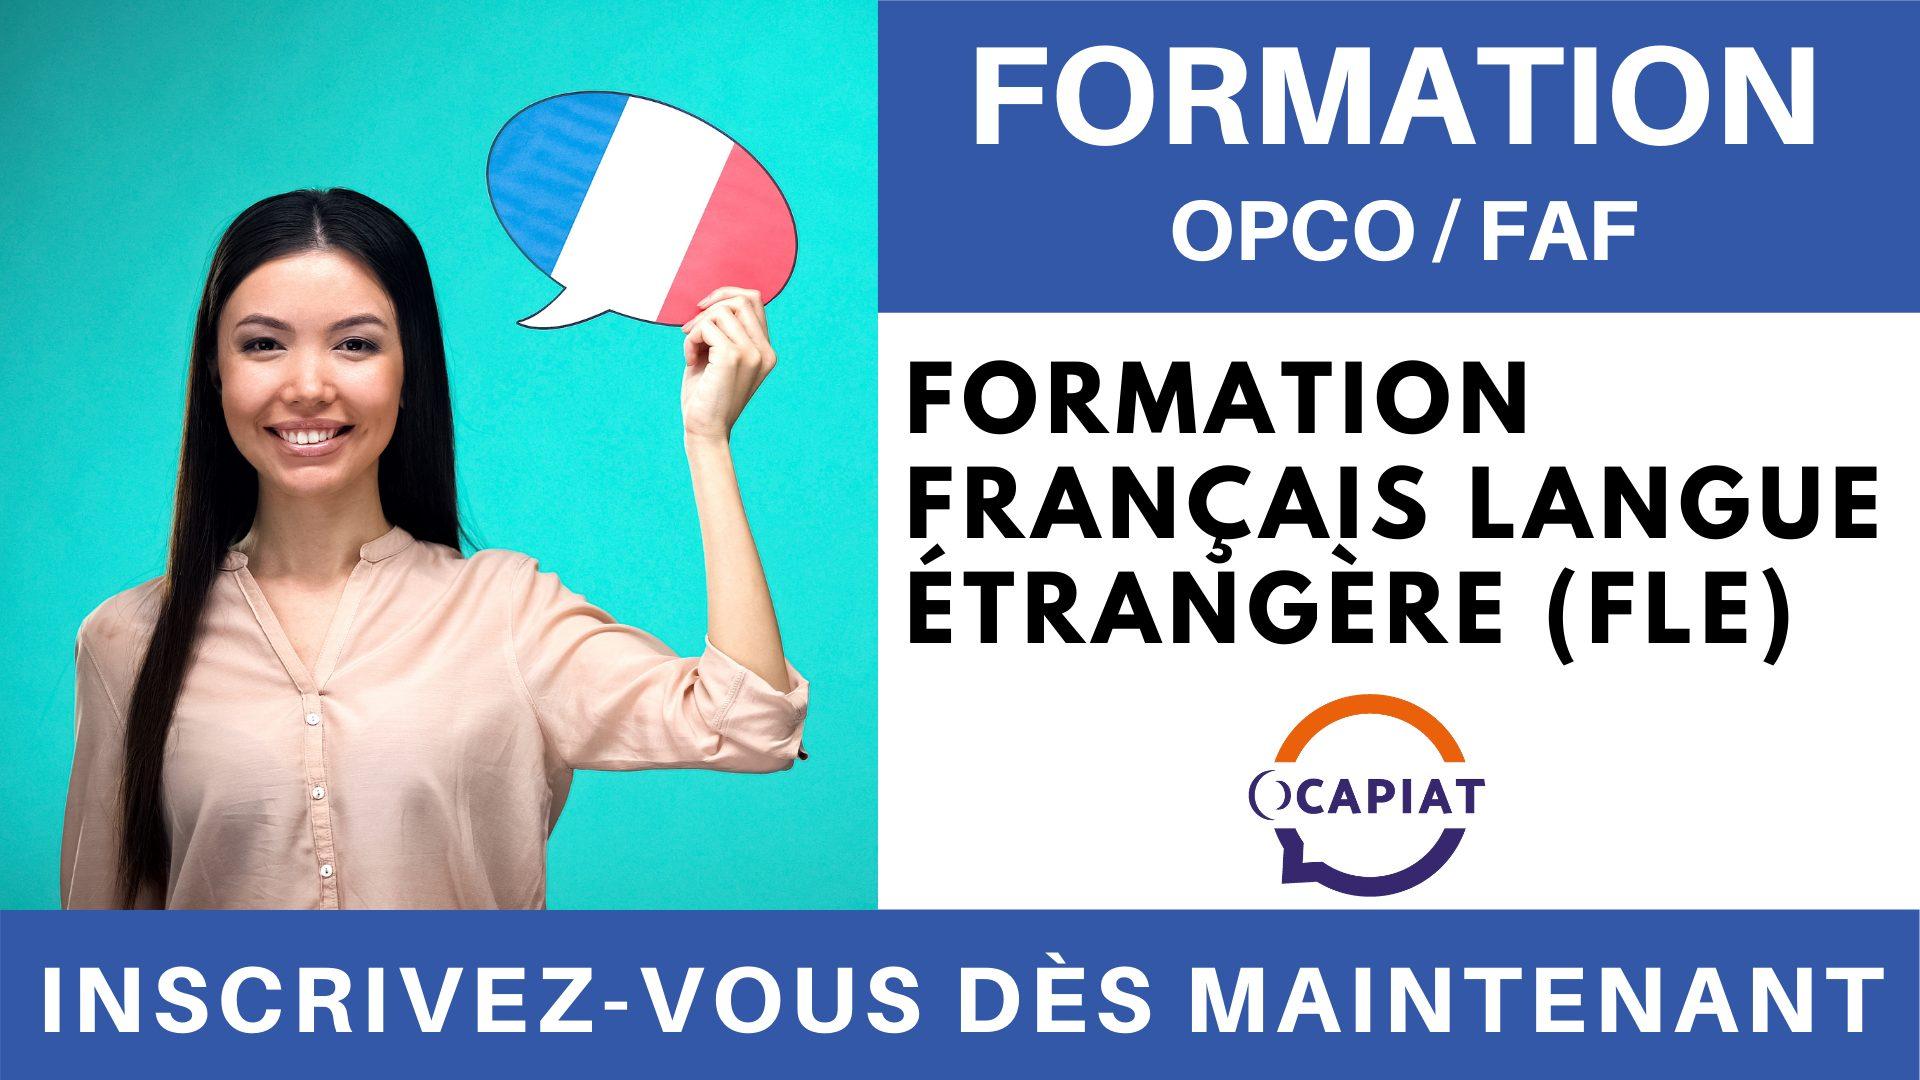 Formation OPCO FAF - Formation Français Langue Étrangère (FLE)